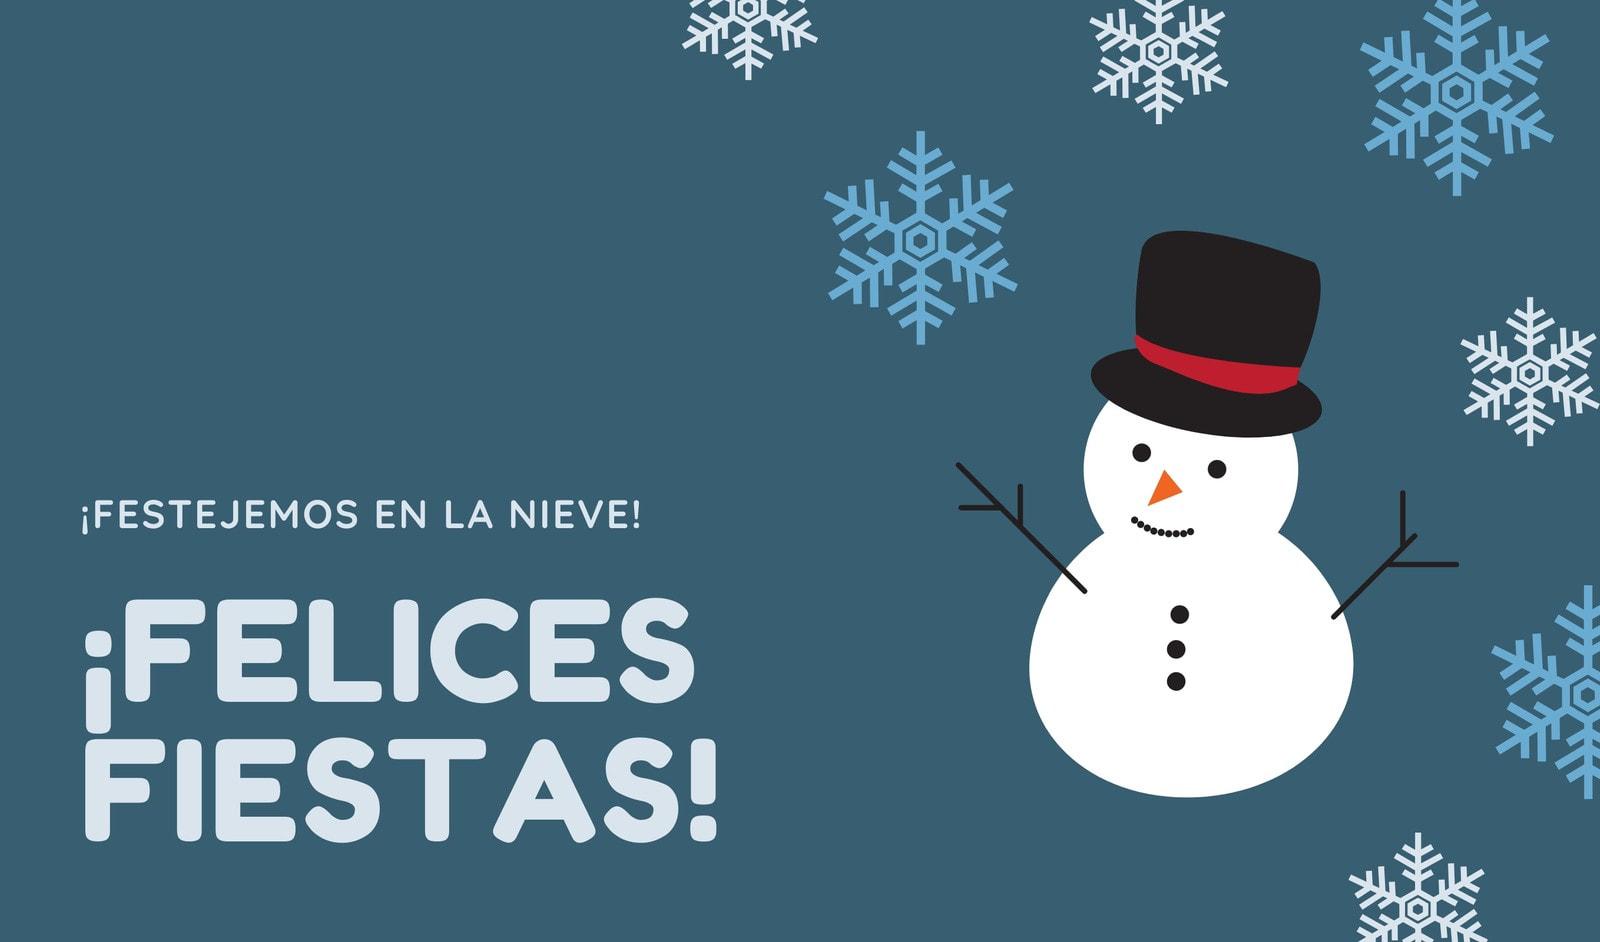 Turquesa Hombre de Nieve y Copos de Nieve Navidad Etiqueta